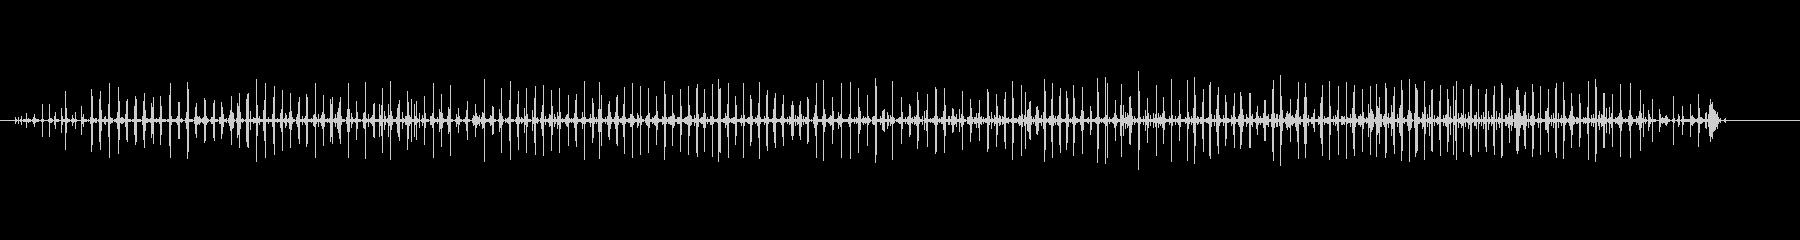 馬-グレイヴル-連続-トロタの未再生の波形